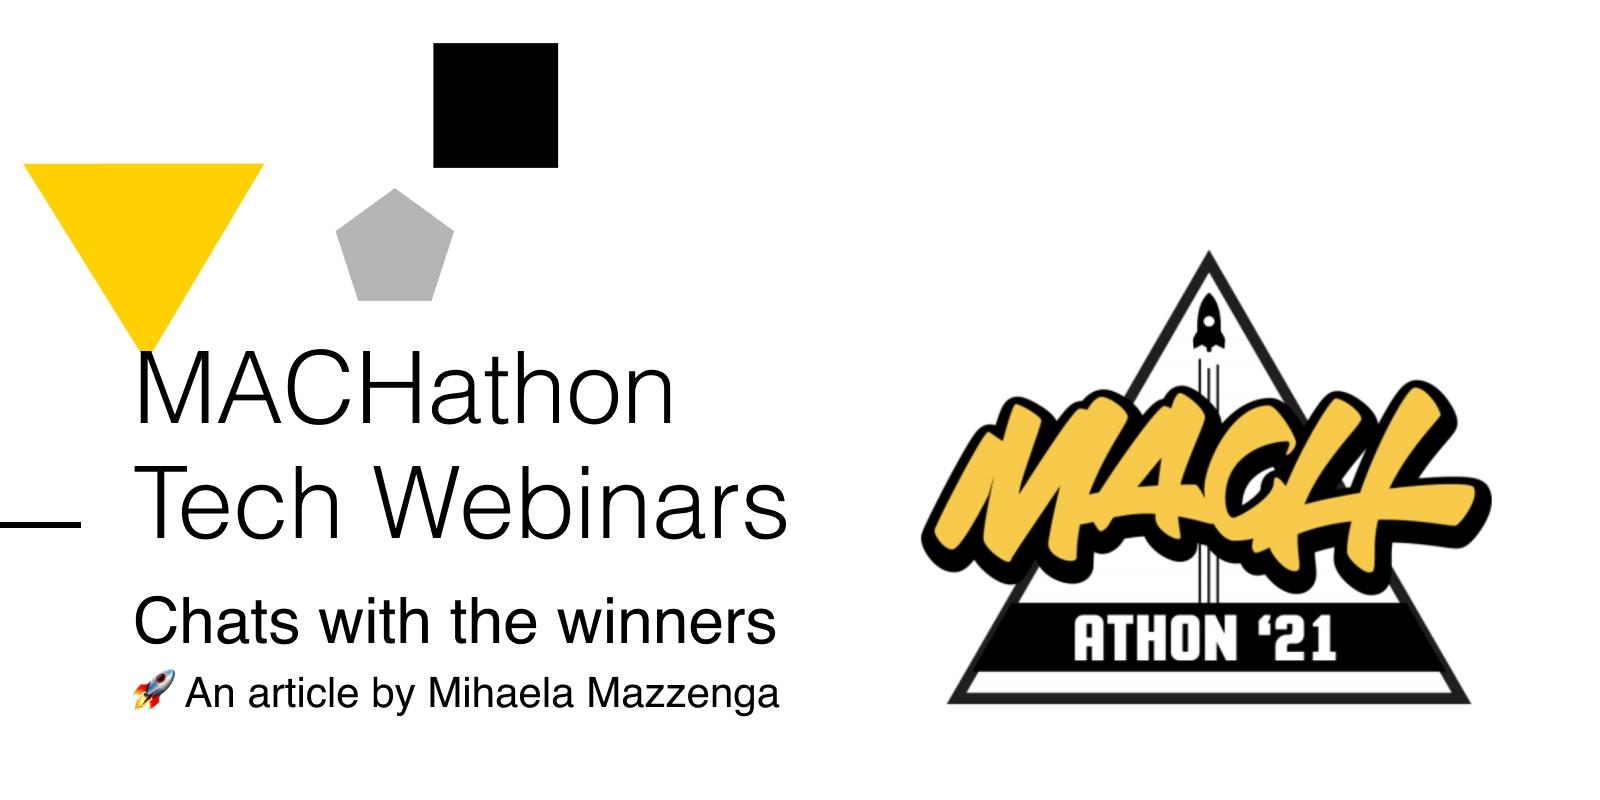 machathon-tech-webinars.jpg